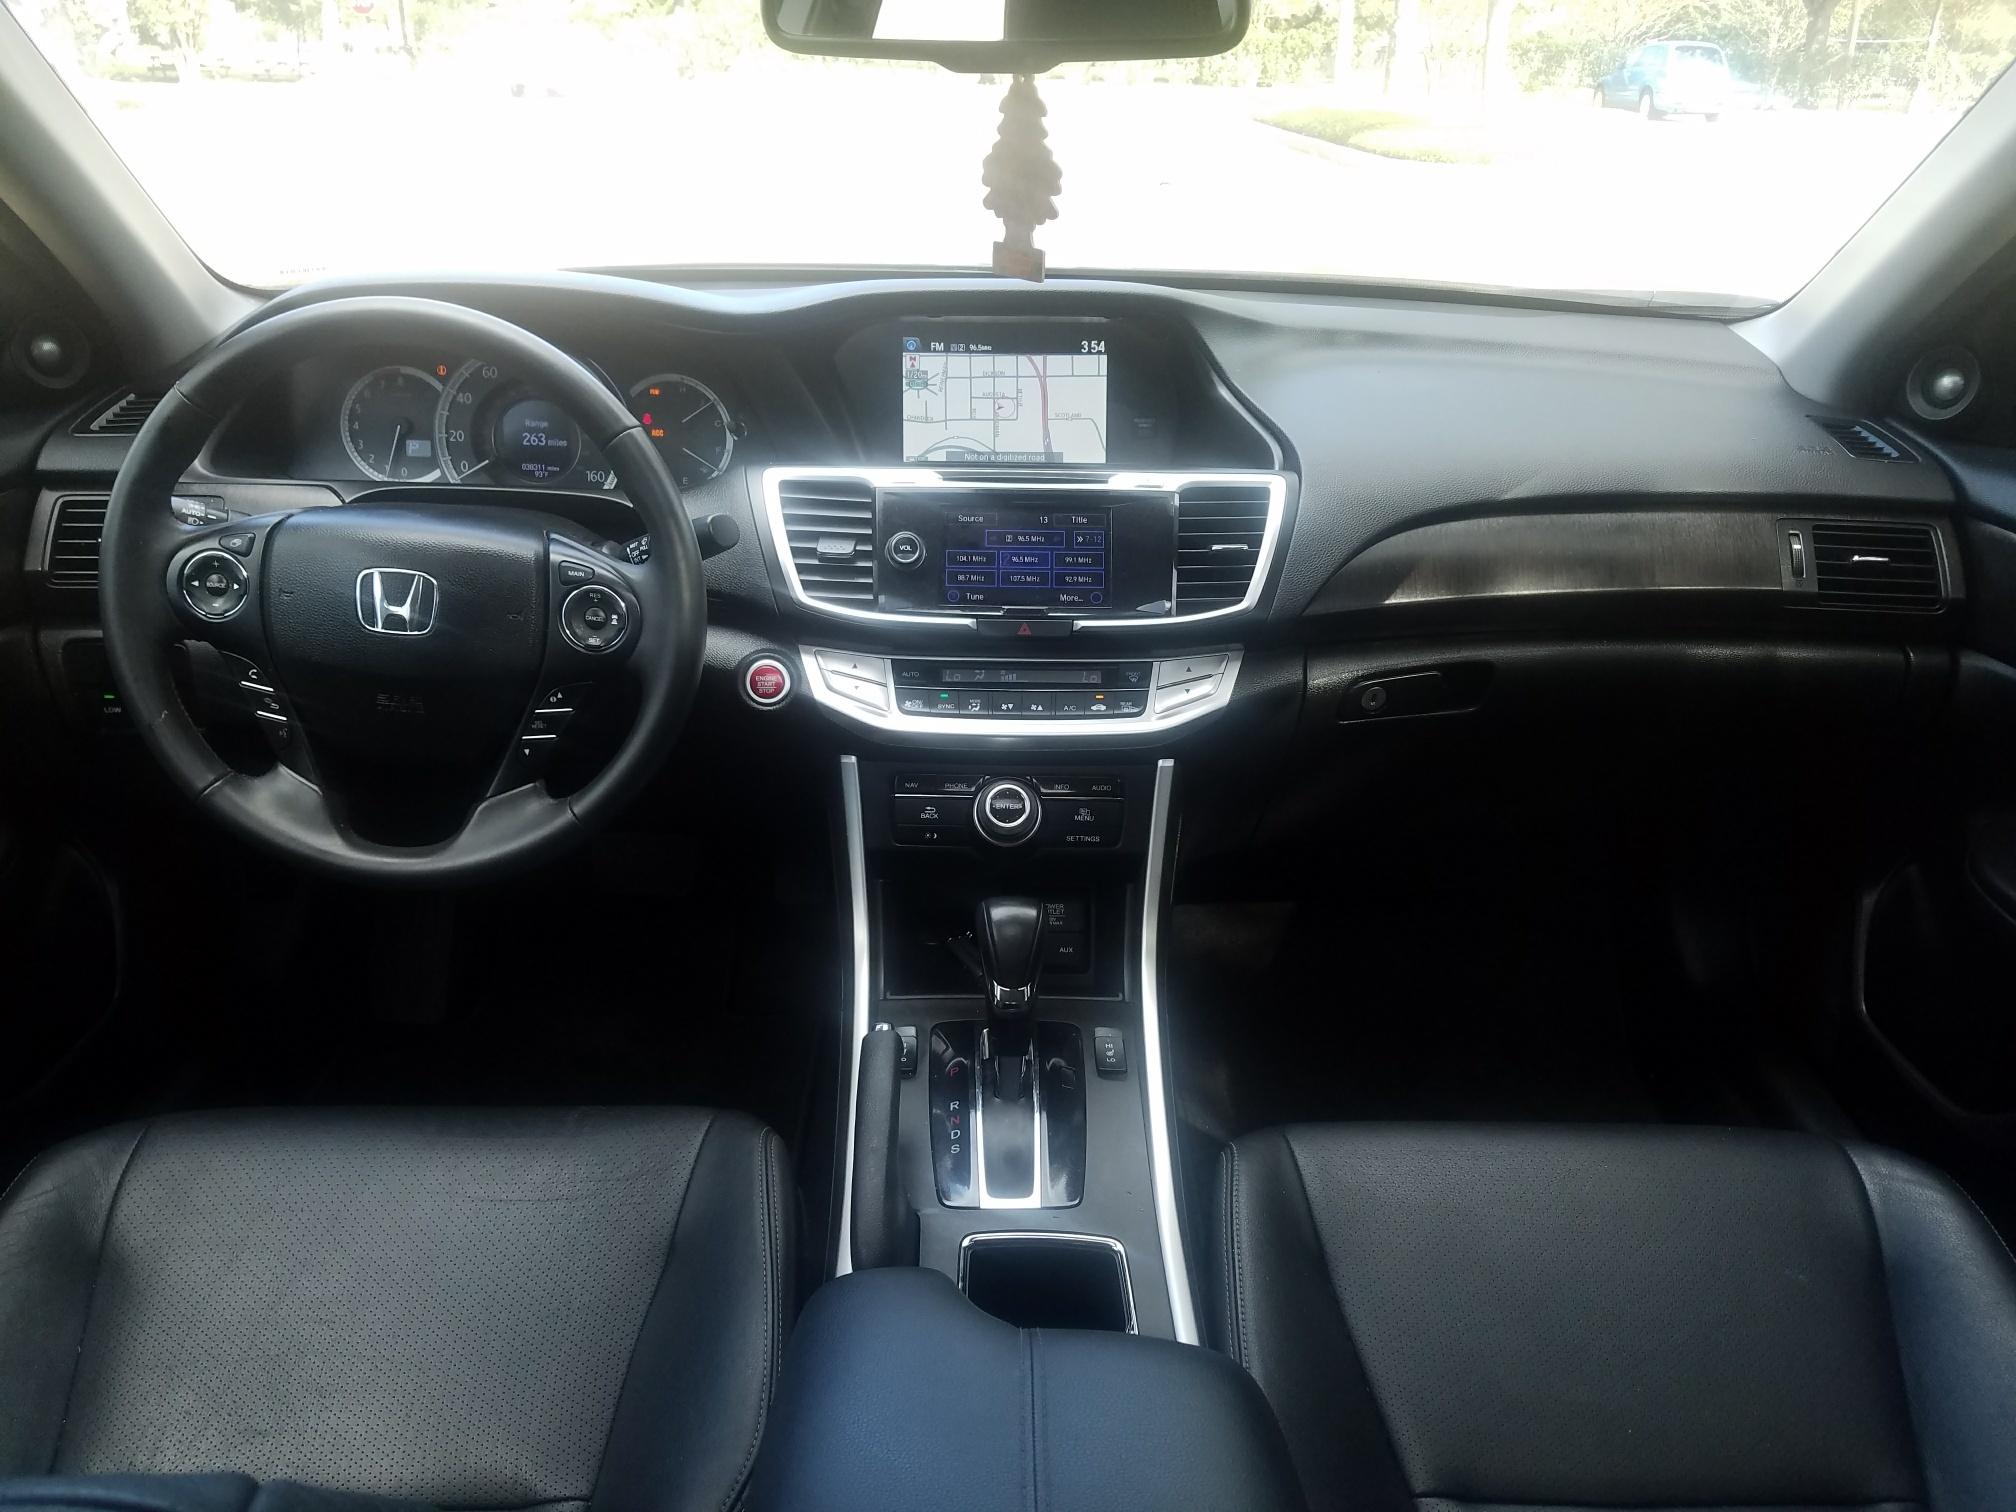 Honda_accord_V6_2015 (11)